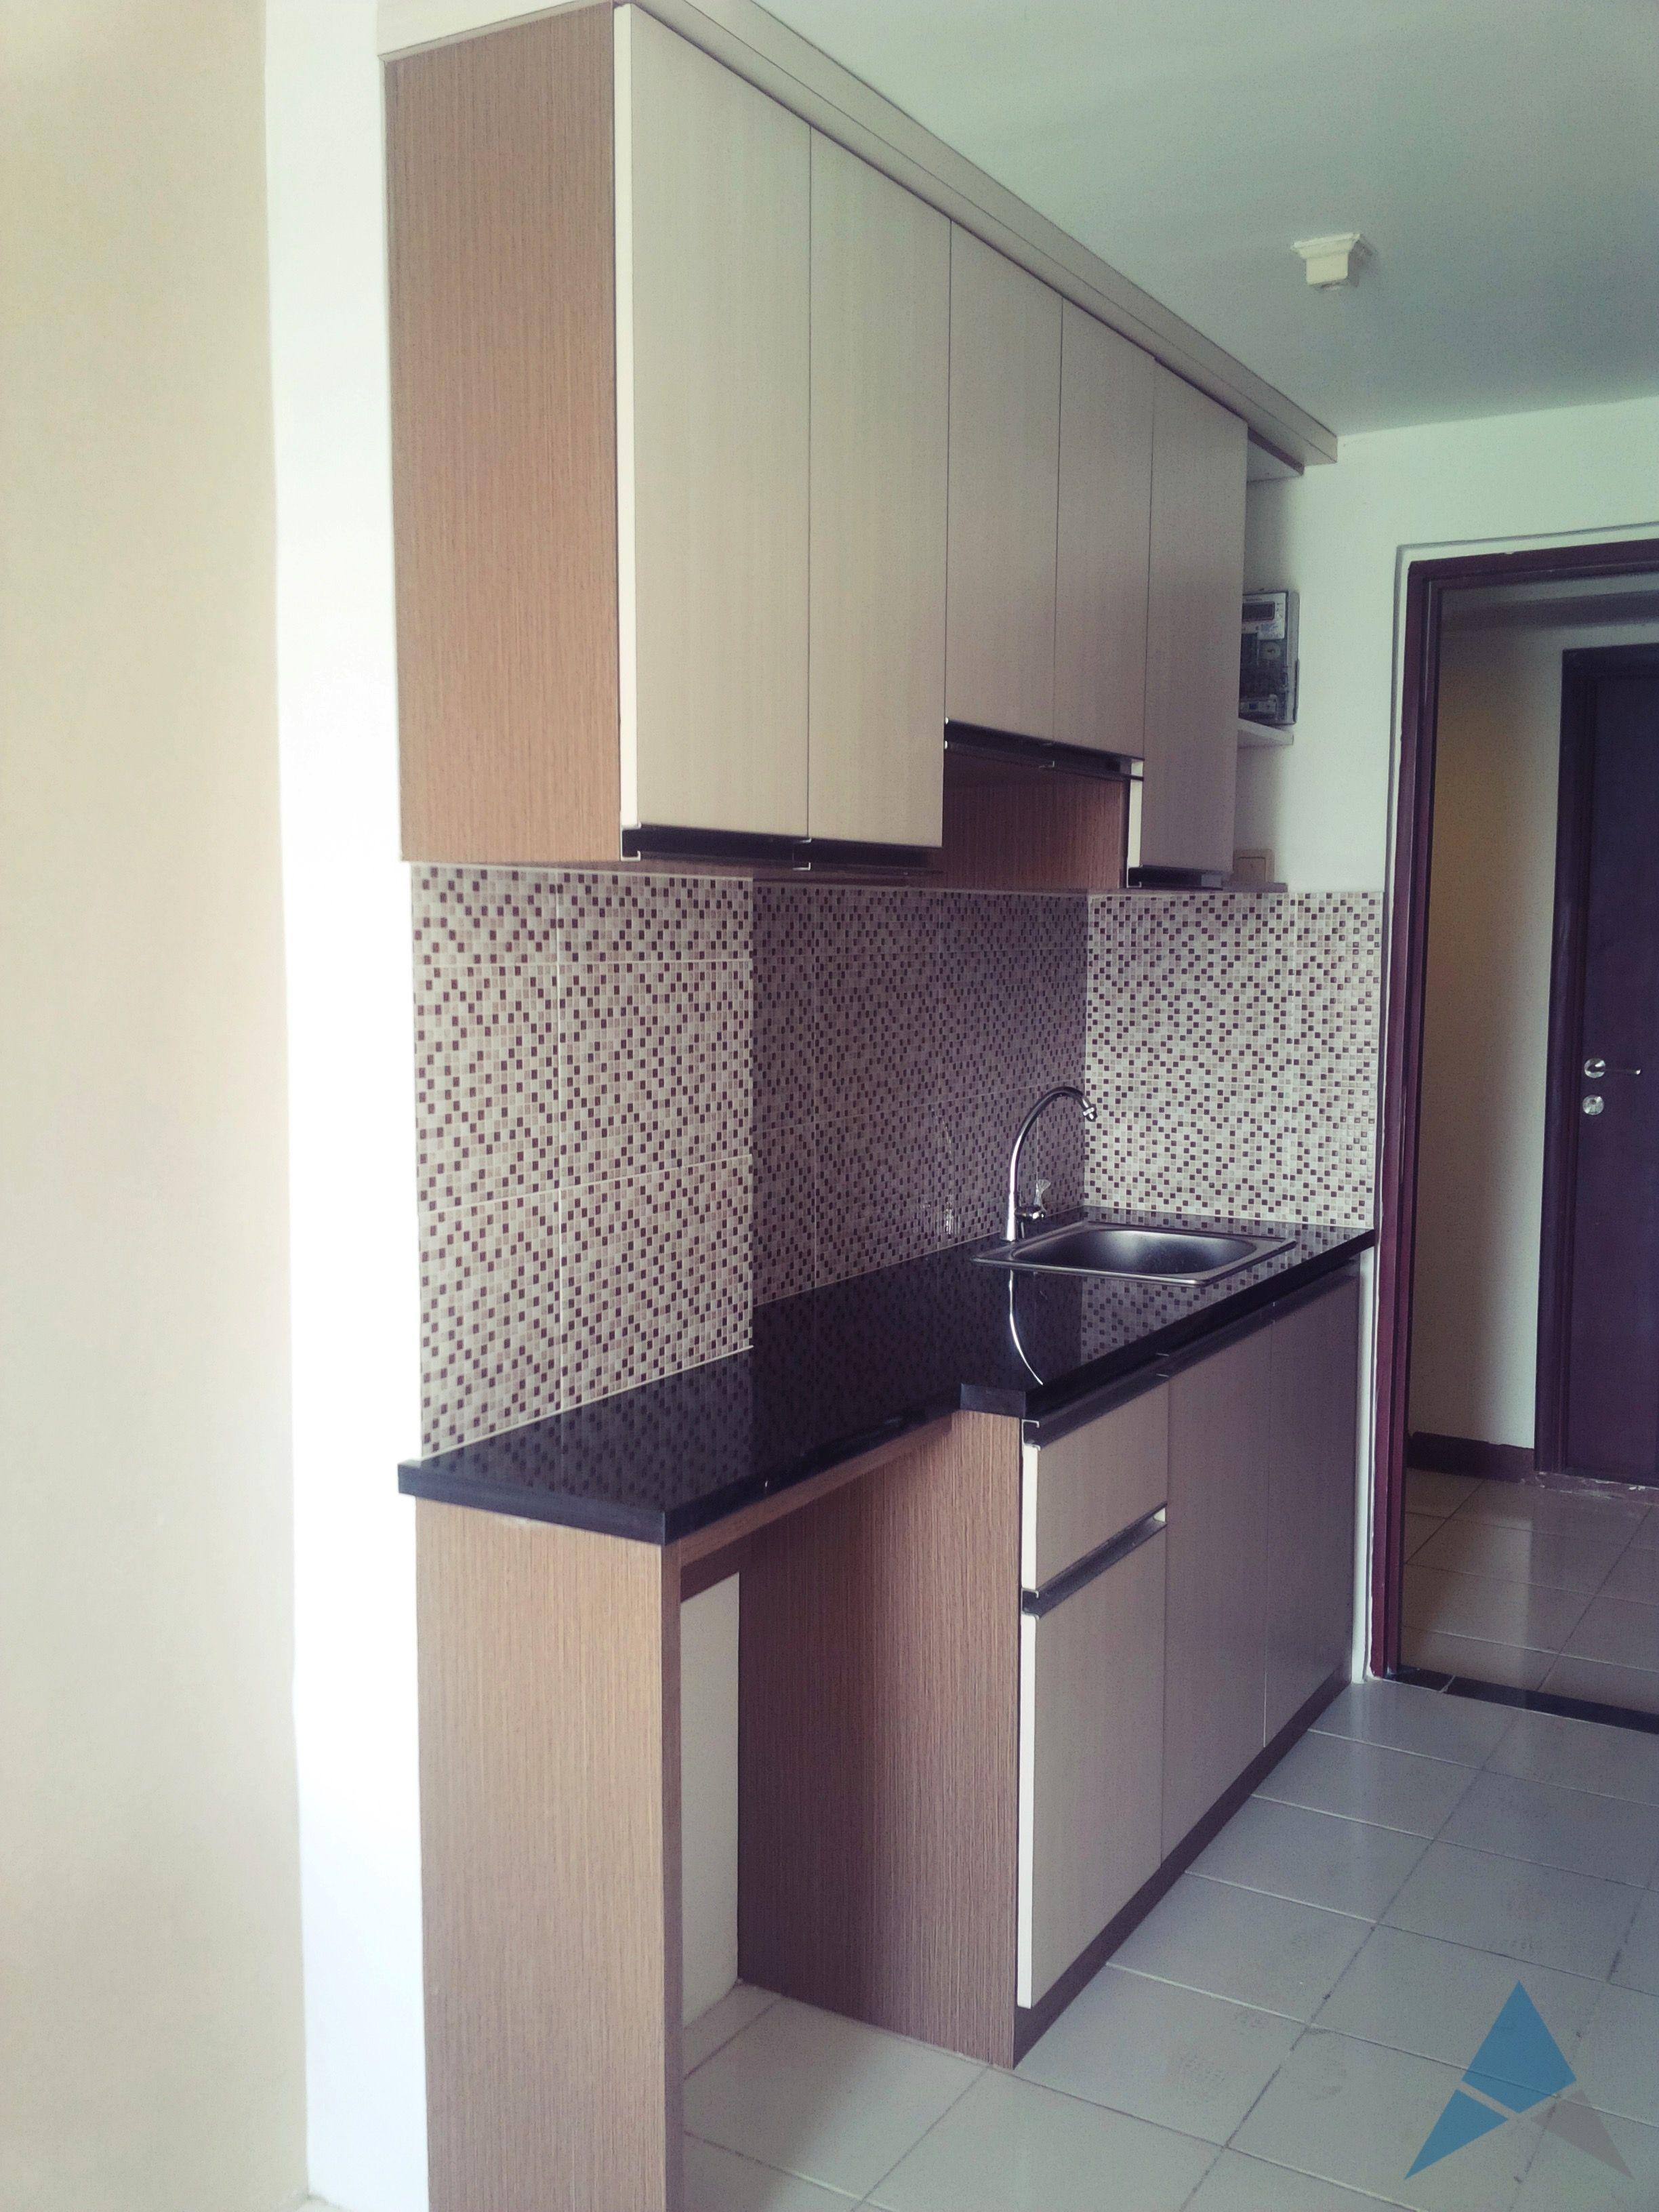 Desain pantry mungil untuk unit apartemen tipe studio oleh REKAMAGNA